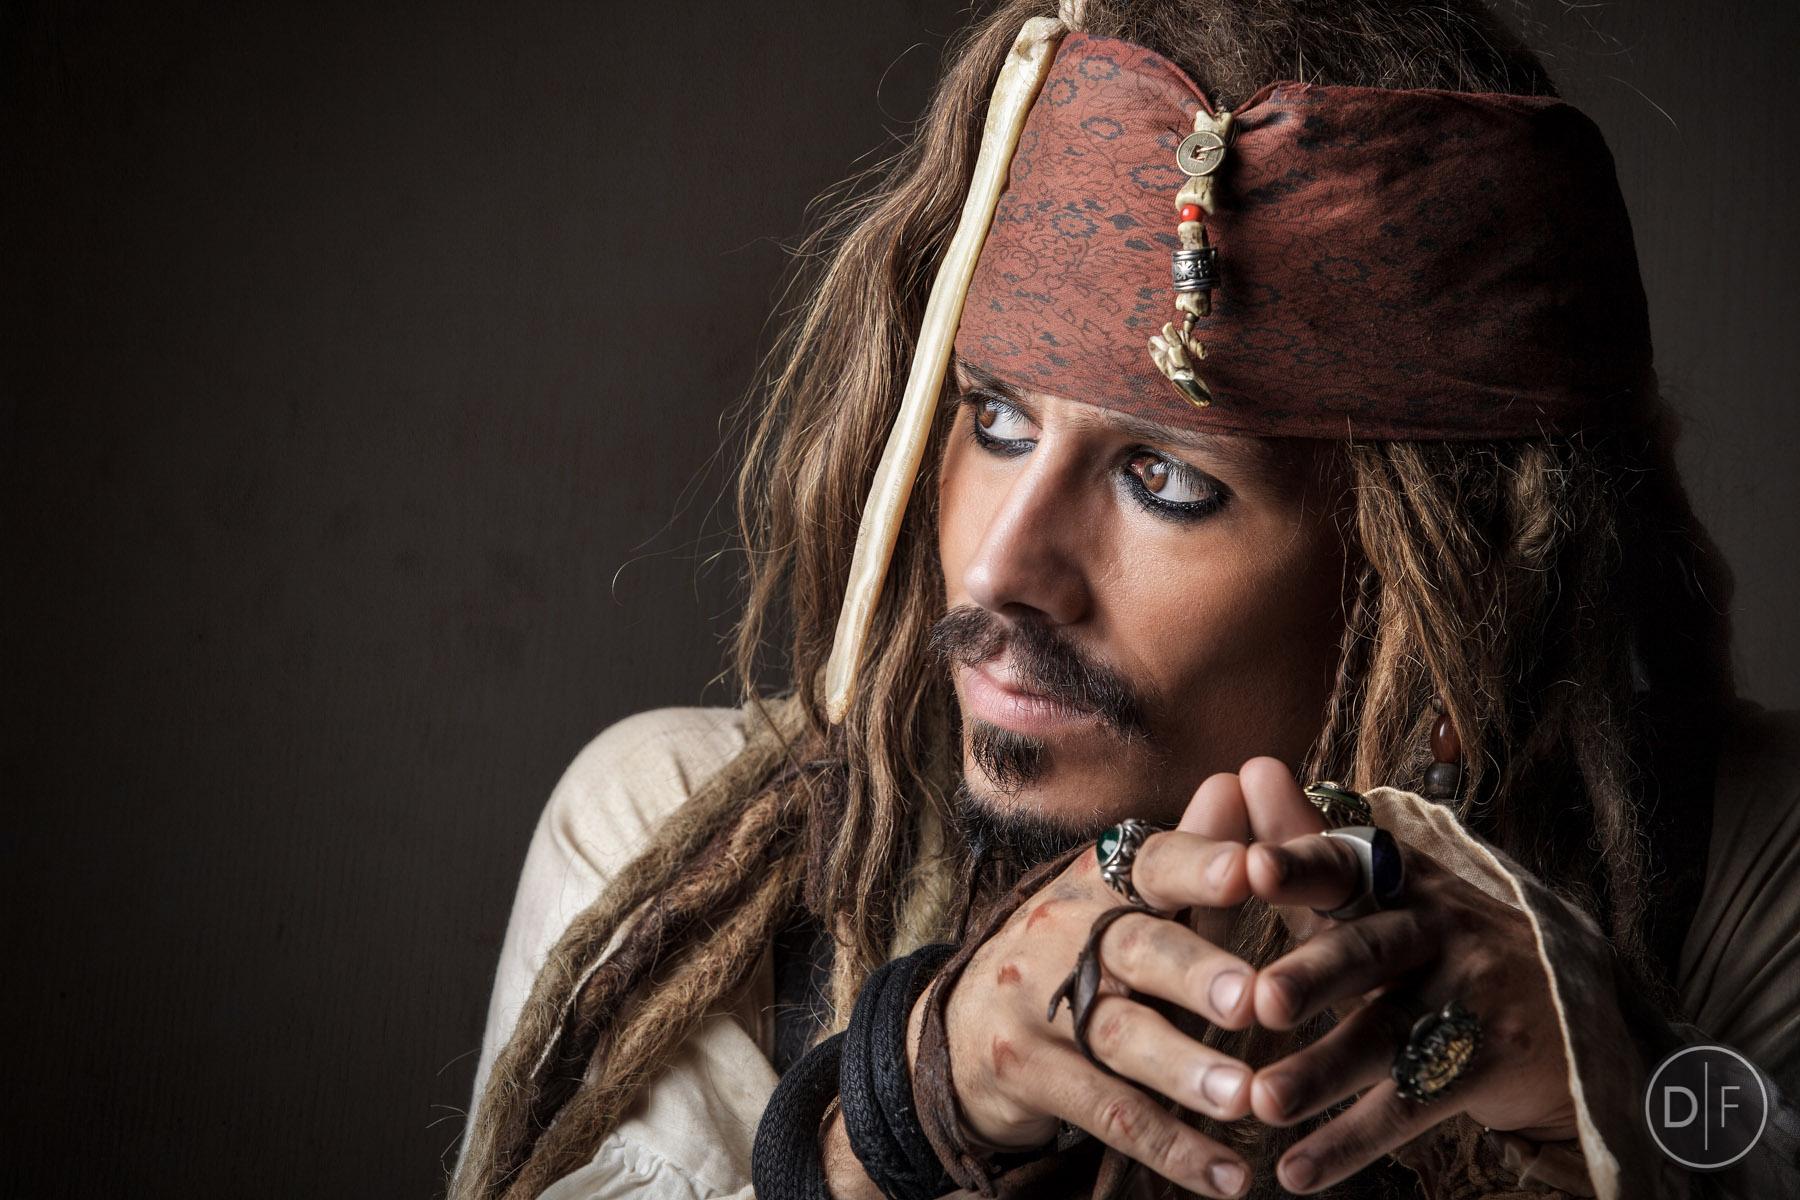 Captain Jack Sparrow look-a-like Simon Newton